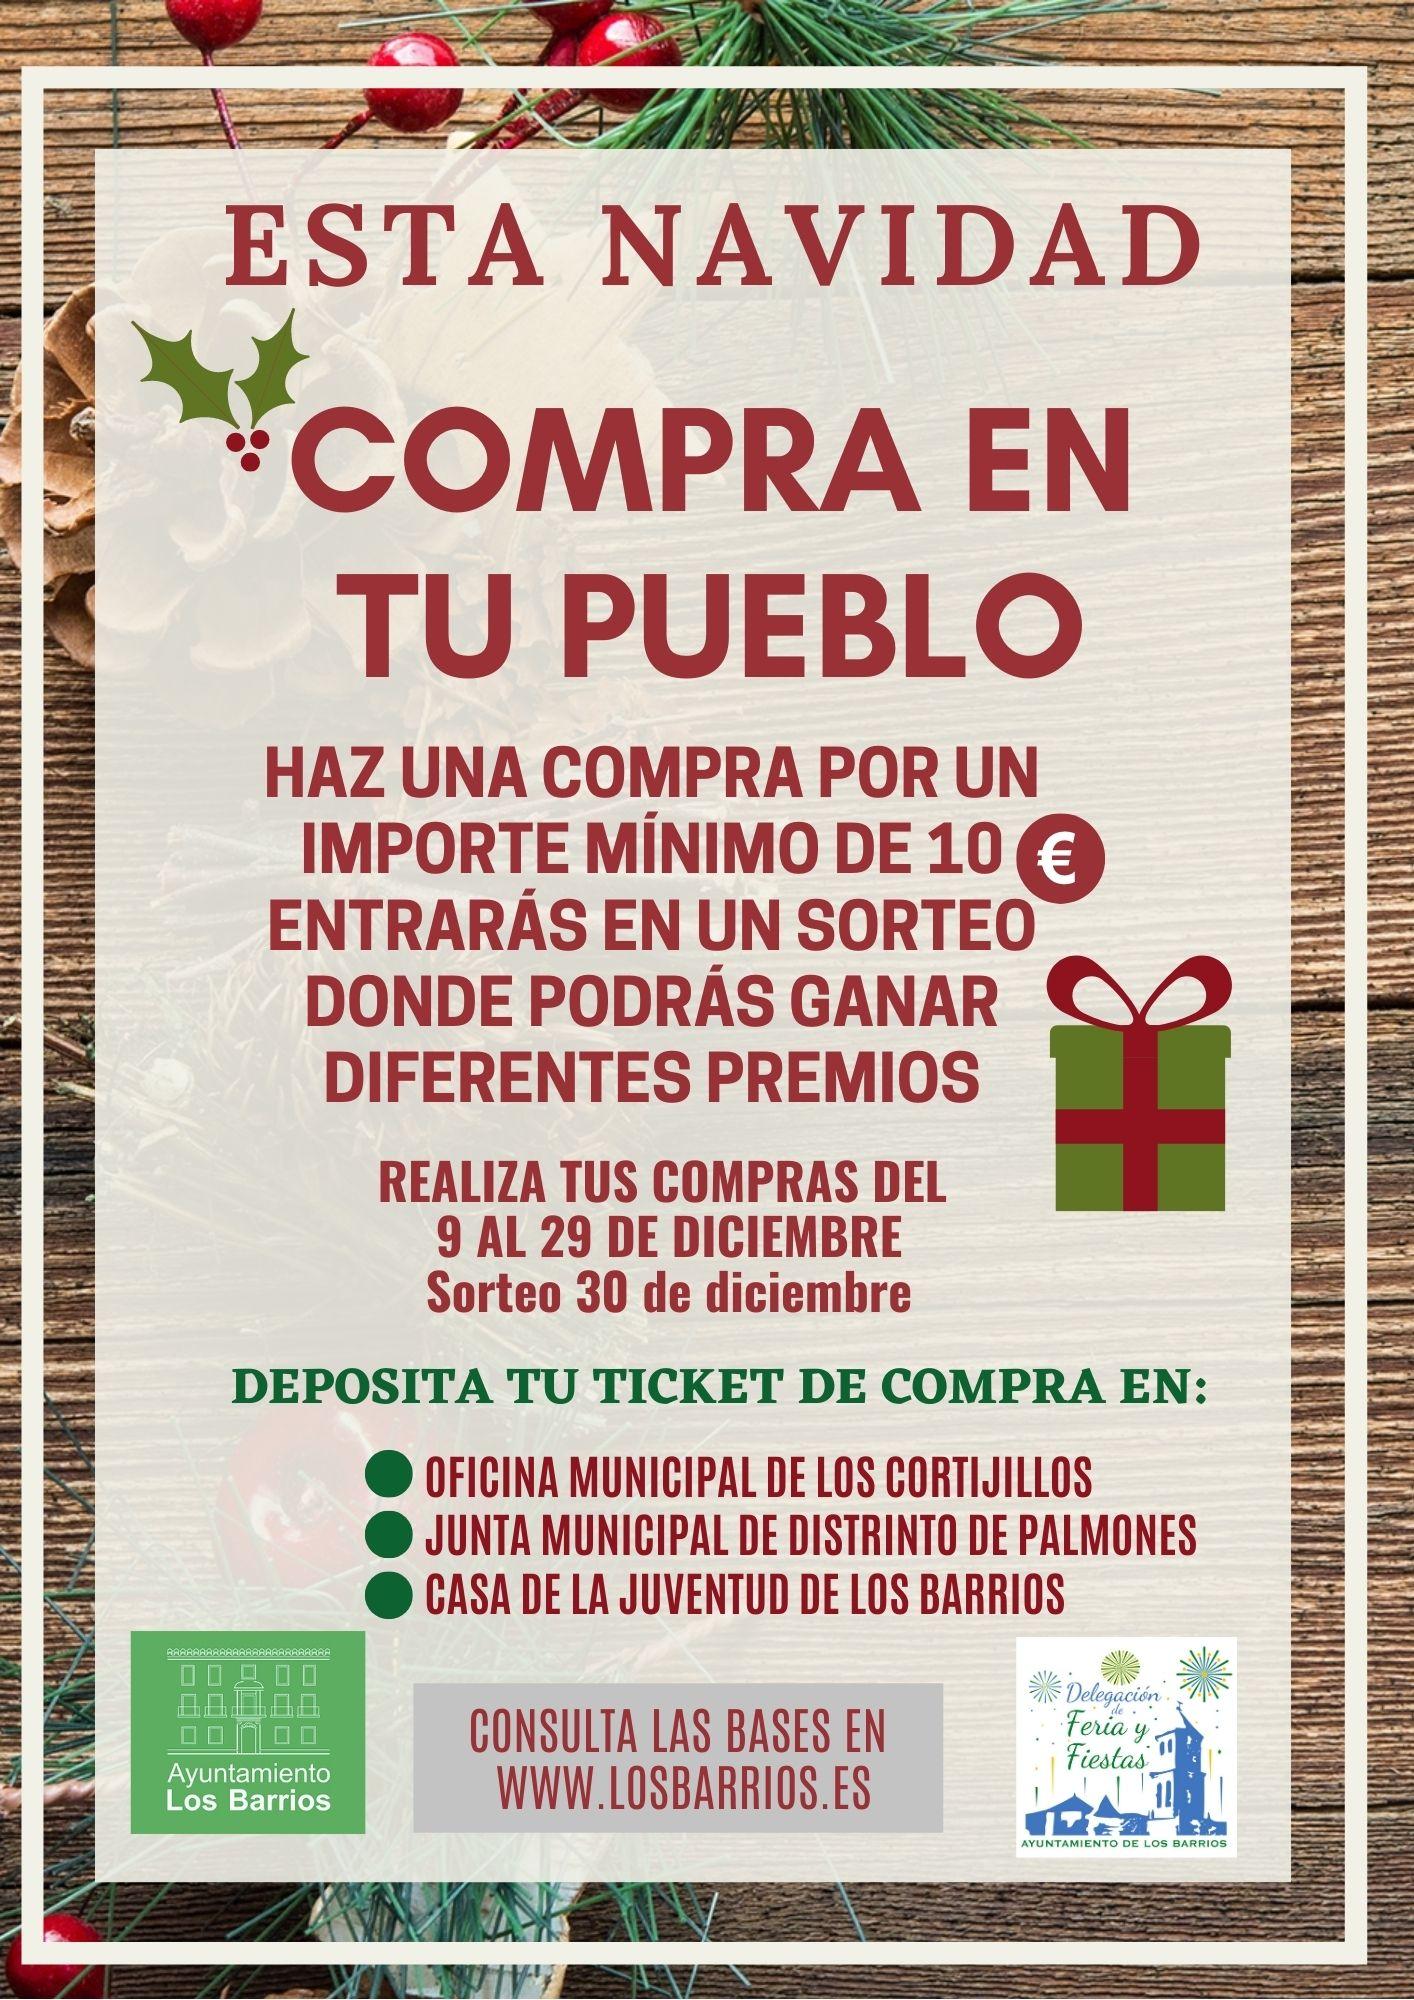 LOS BARRIOS PRESENTA LA CAMPAÑA DE NAVIDAD «COMPRA EN TU PUEBLO»